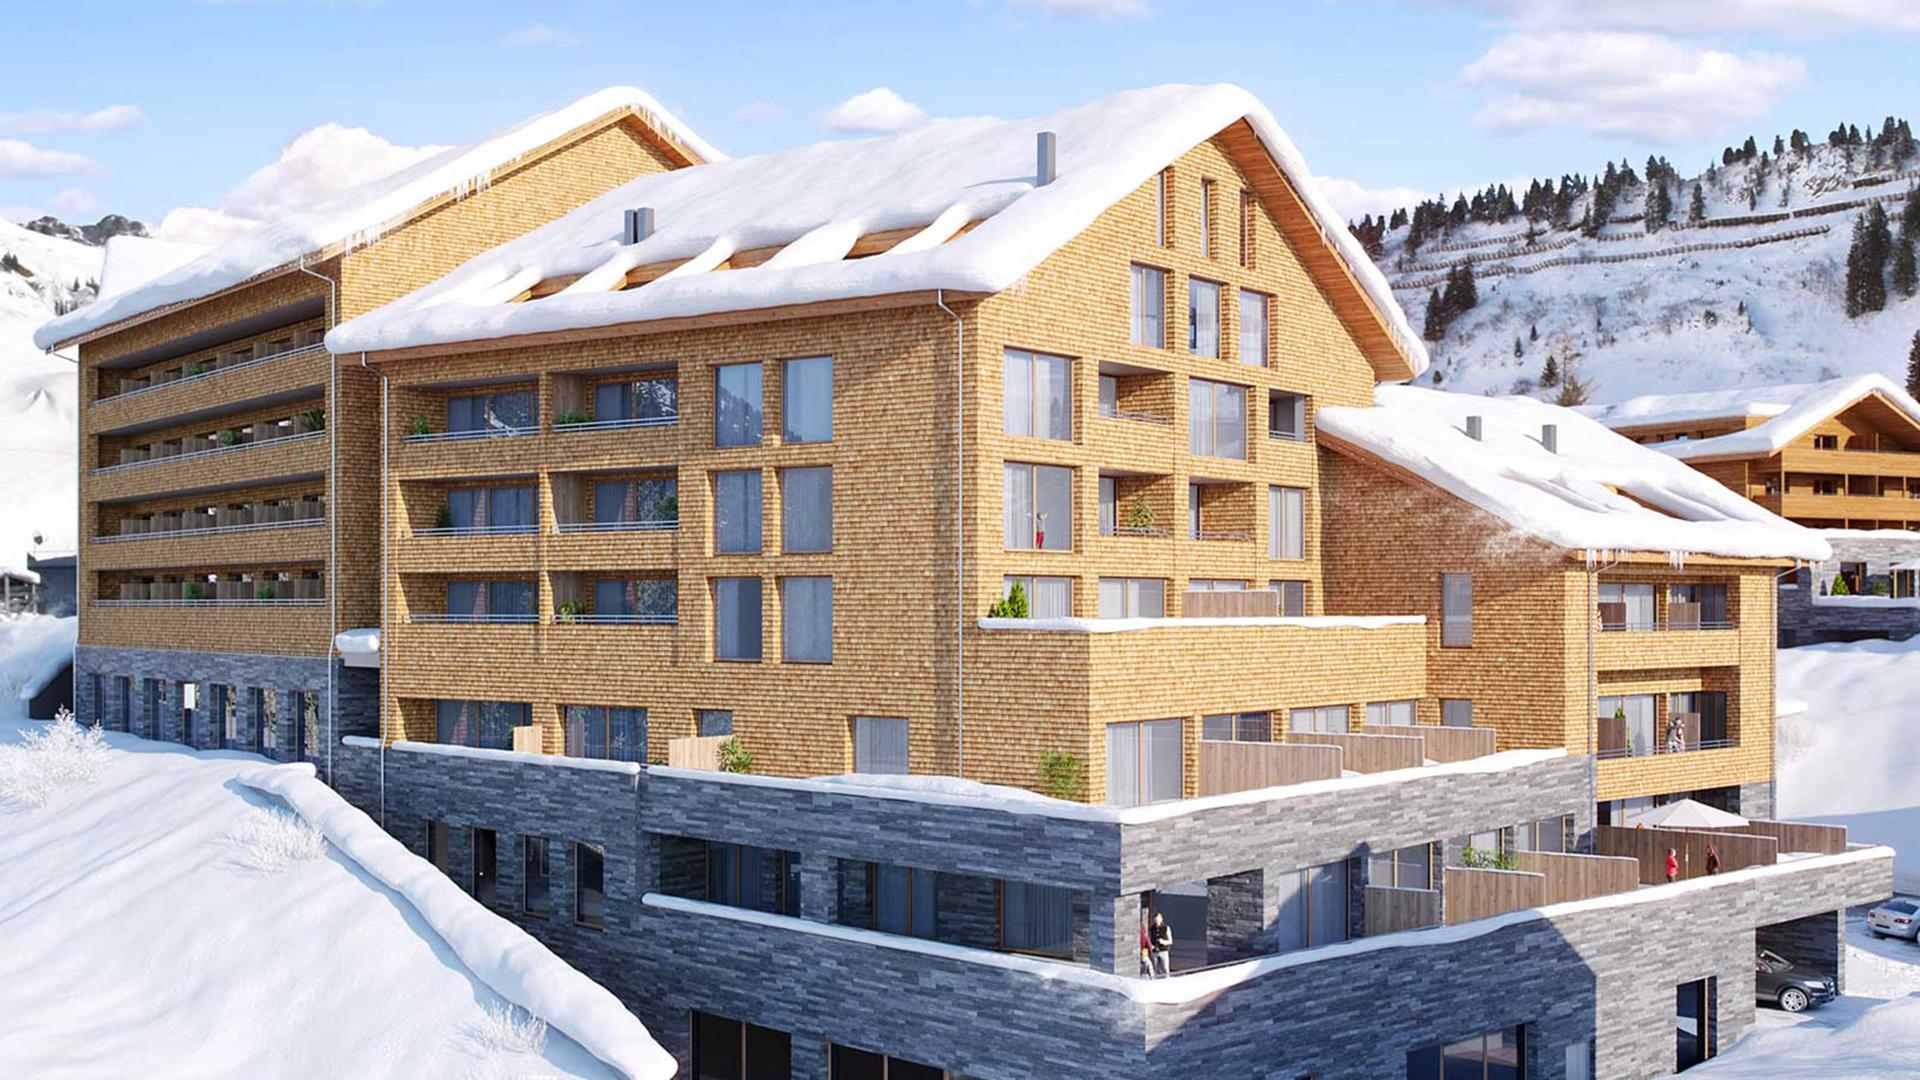 1495 Residences Apartments, Austria